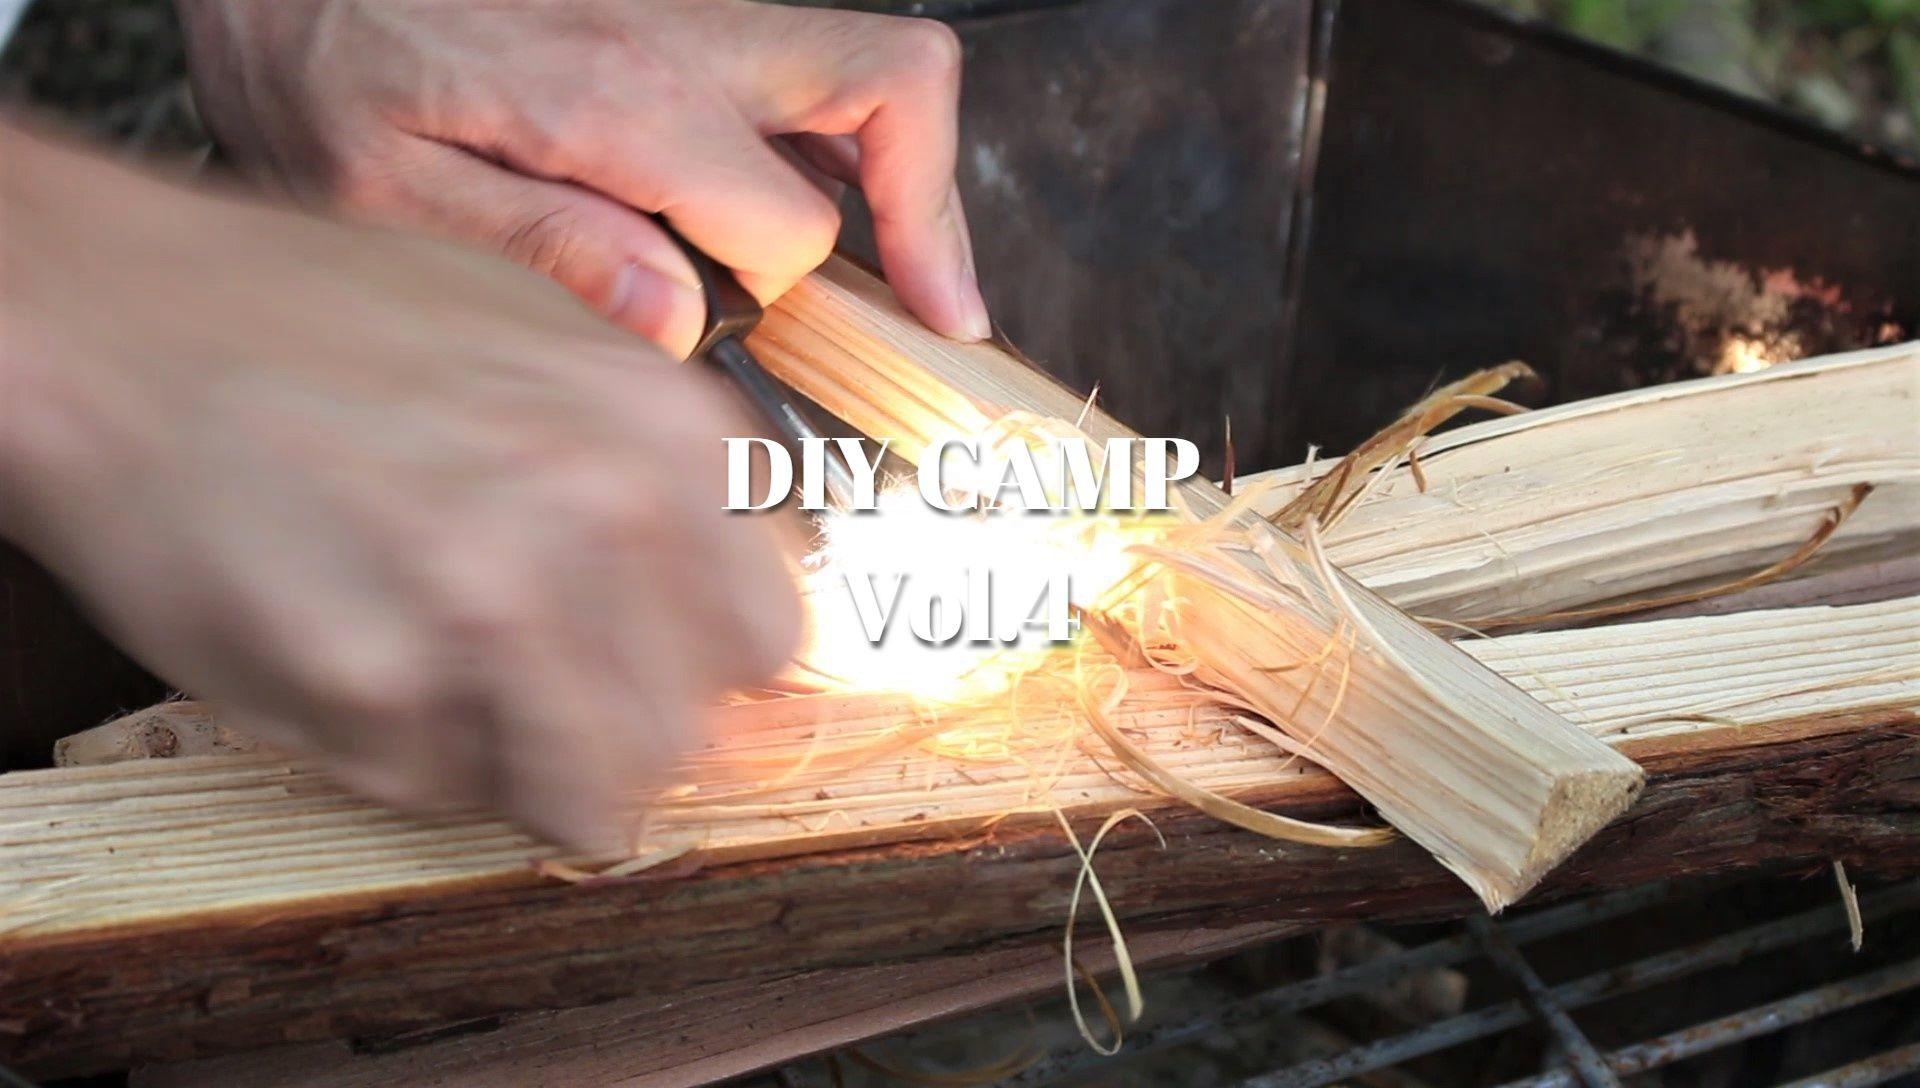 Amazonの火打石で火起こしに挑戦